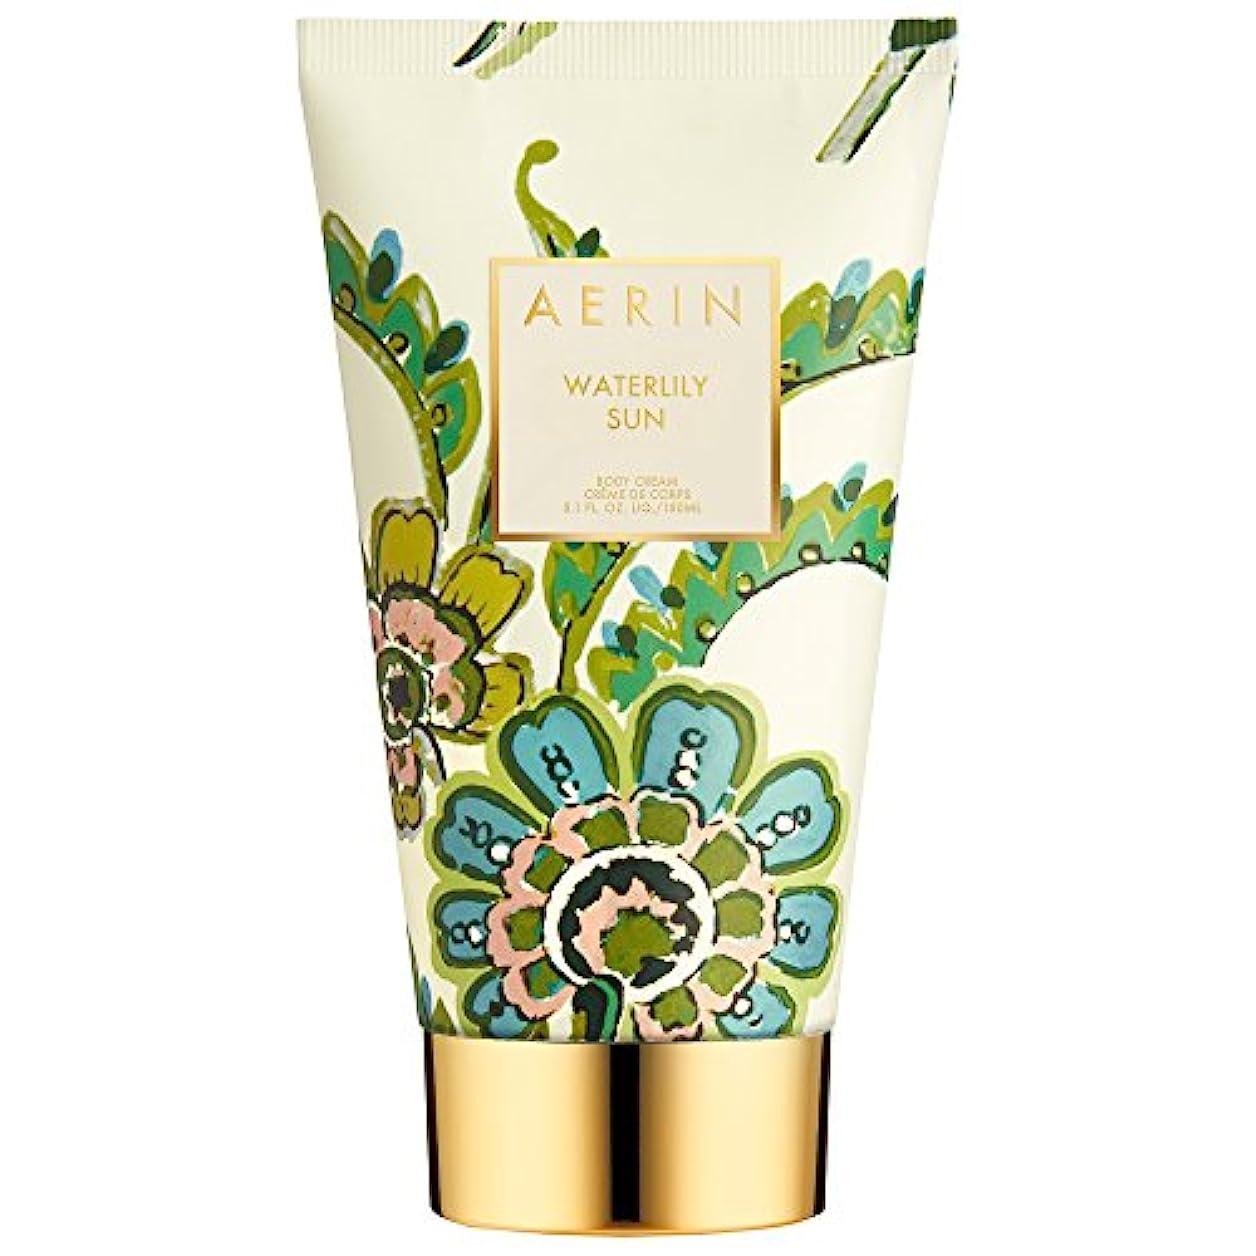 無数の基本的なフリルAerinスイレン日ボディクリーム150ミリリットル (AERIN) (x6) - AERIN Waterlily Sun Body Cream 150ml (Pack of 6) [並行輸入品]